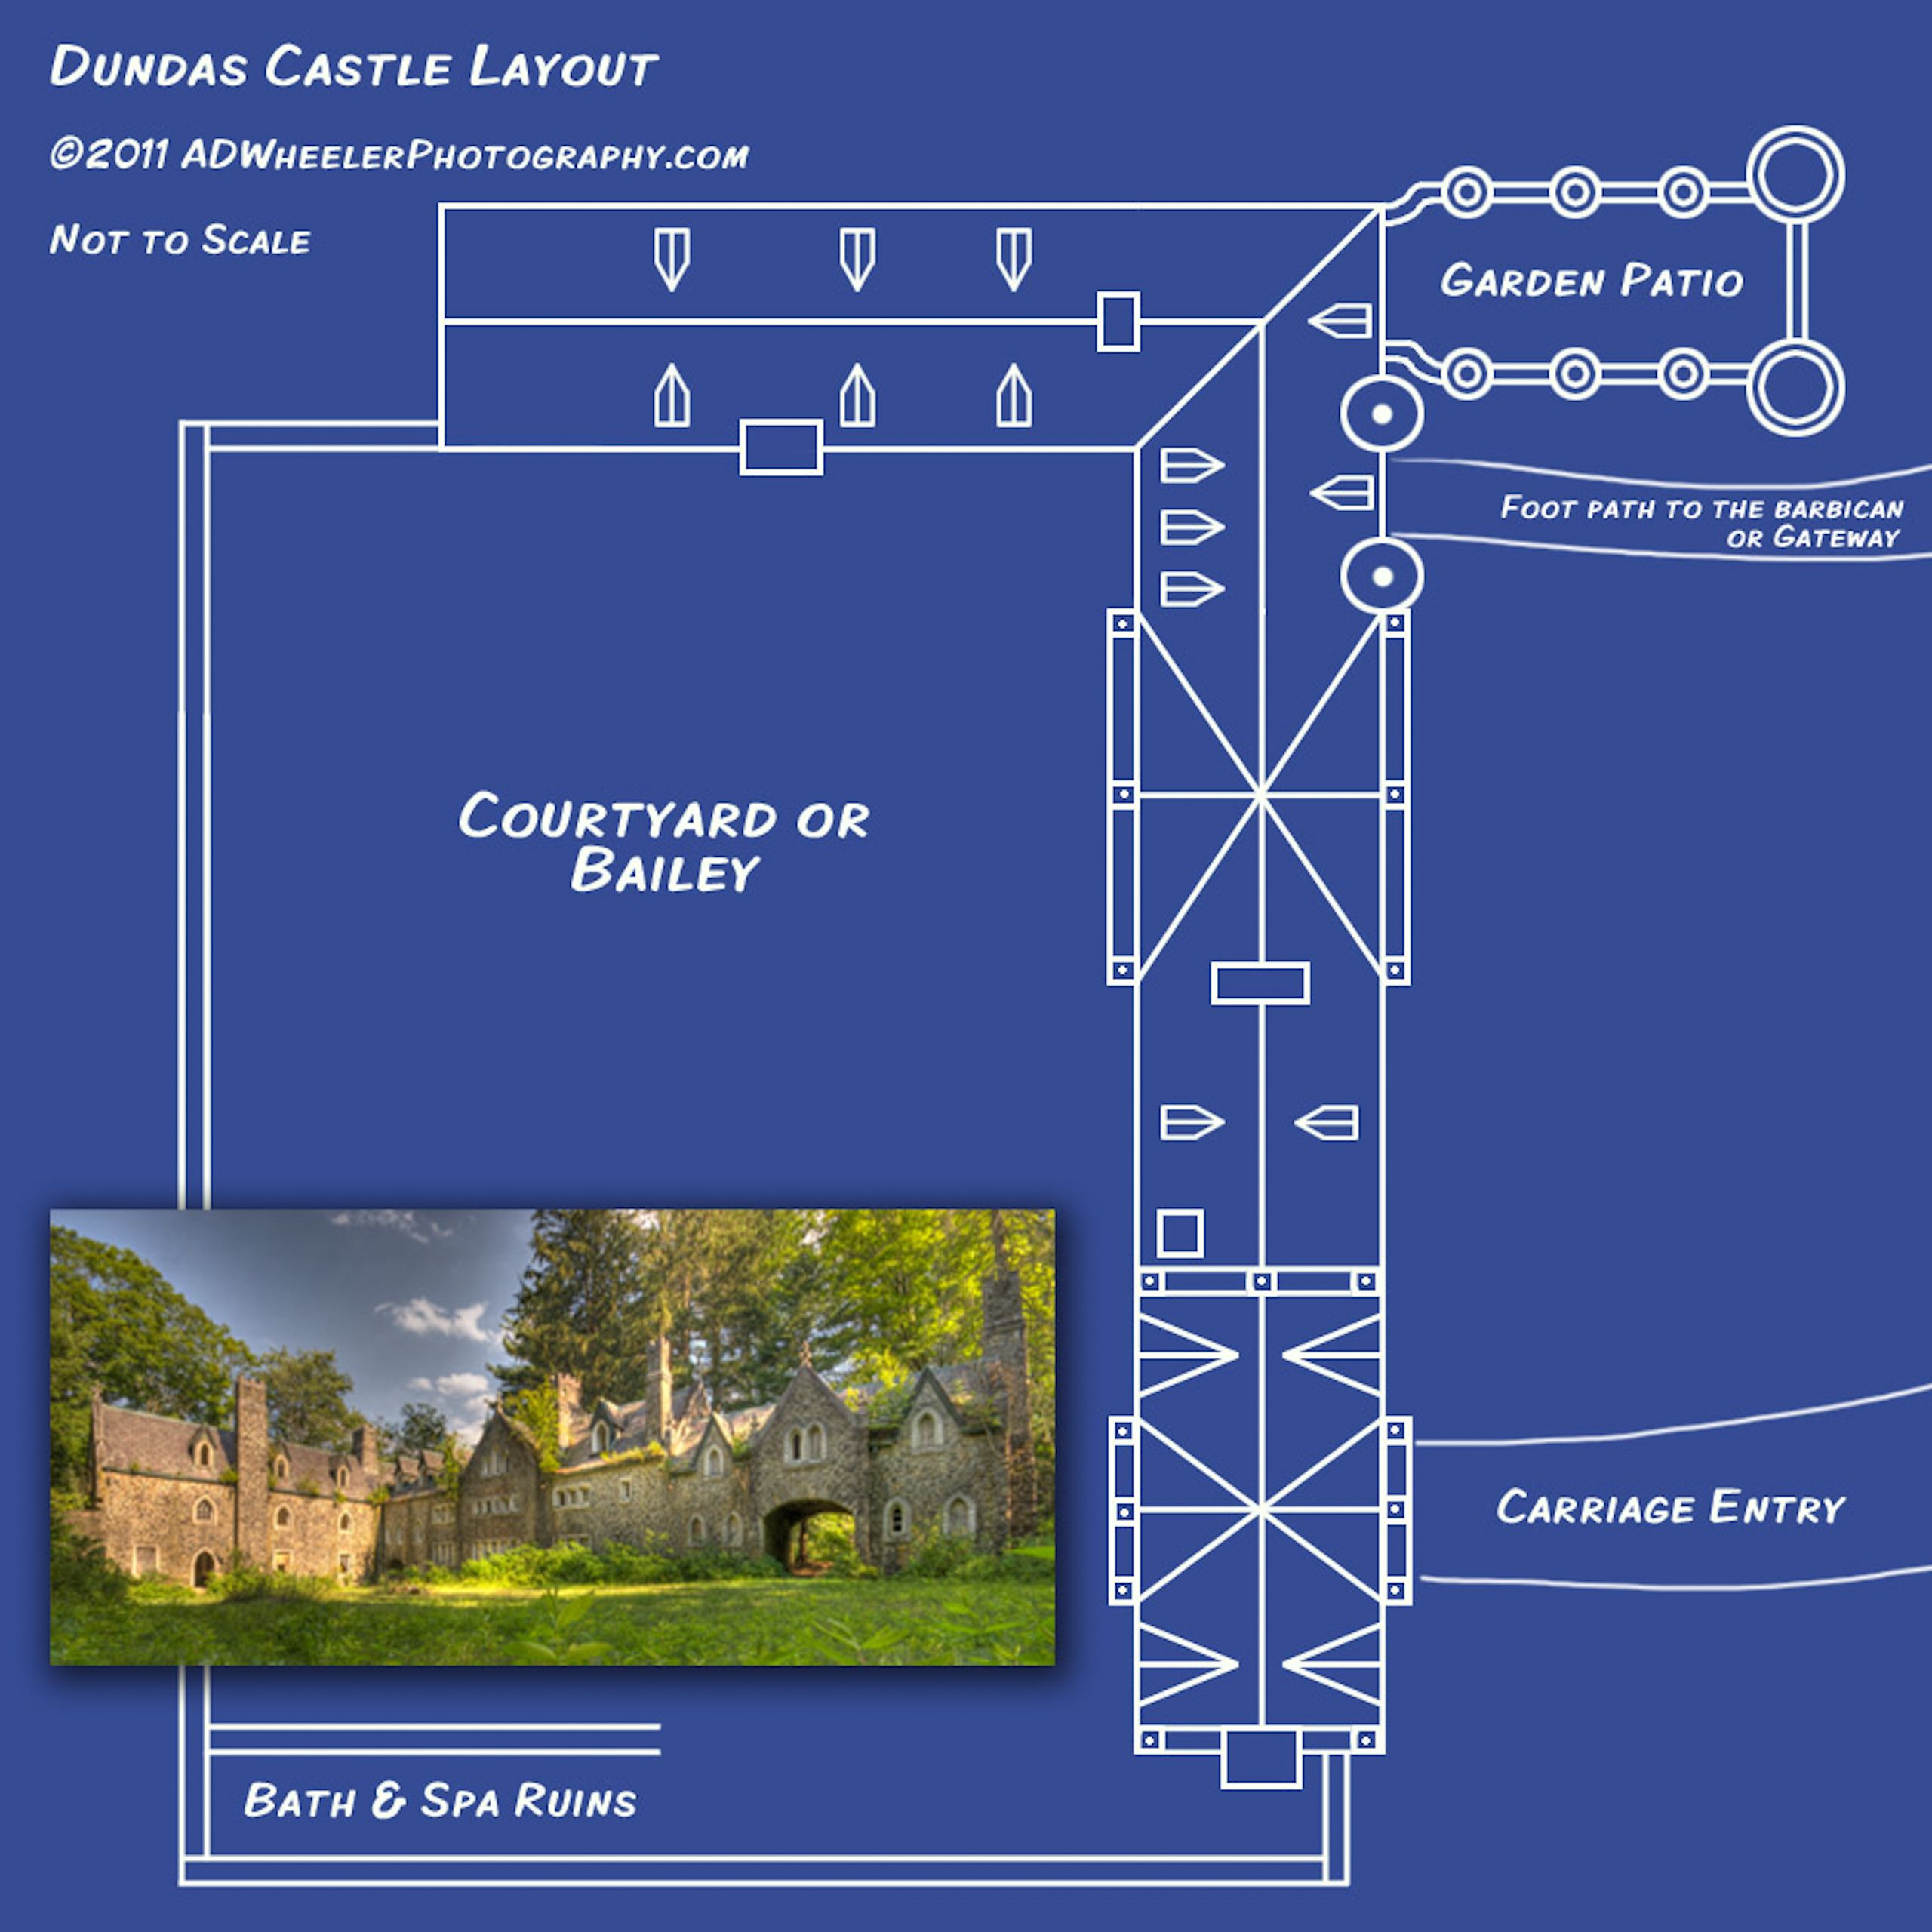 craig e clair dundas castle mason s castle in new york courtesy of